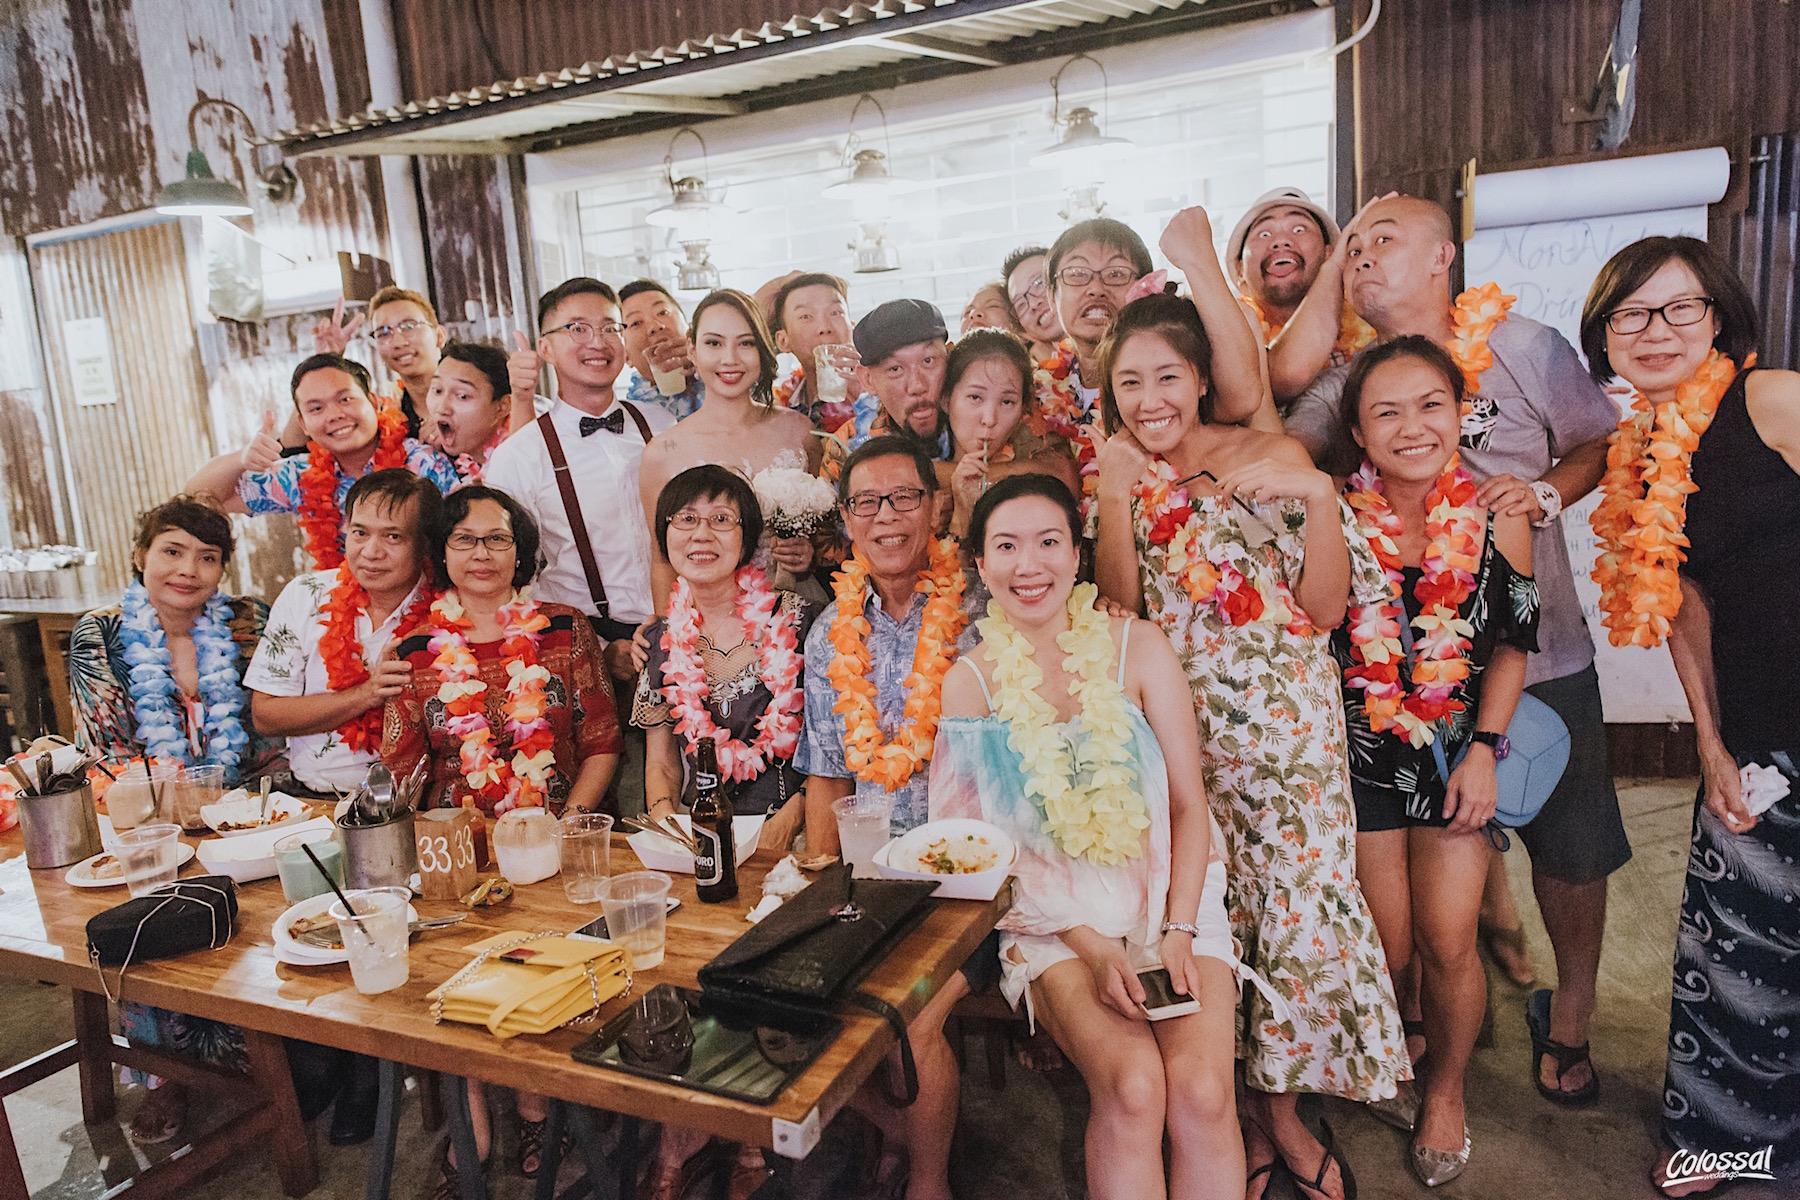 MartinChanel_ColossalWeddings112_WeddingParty.jpg